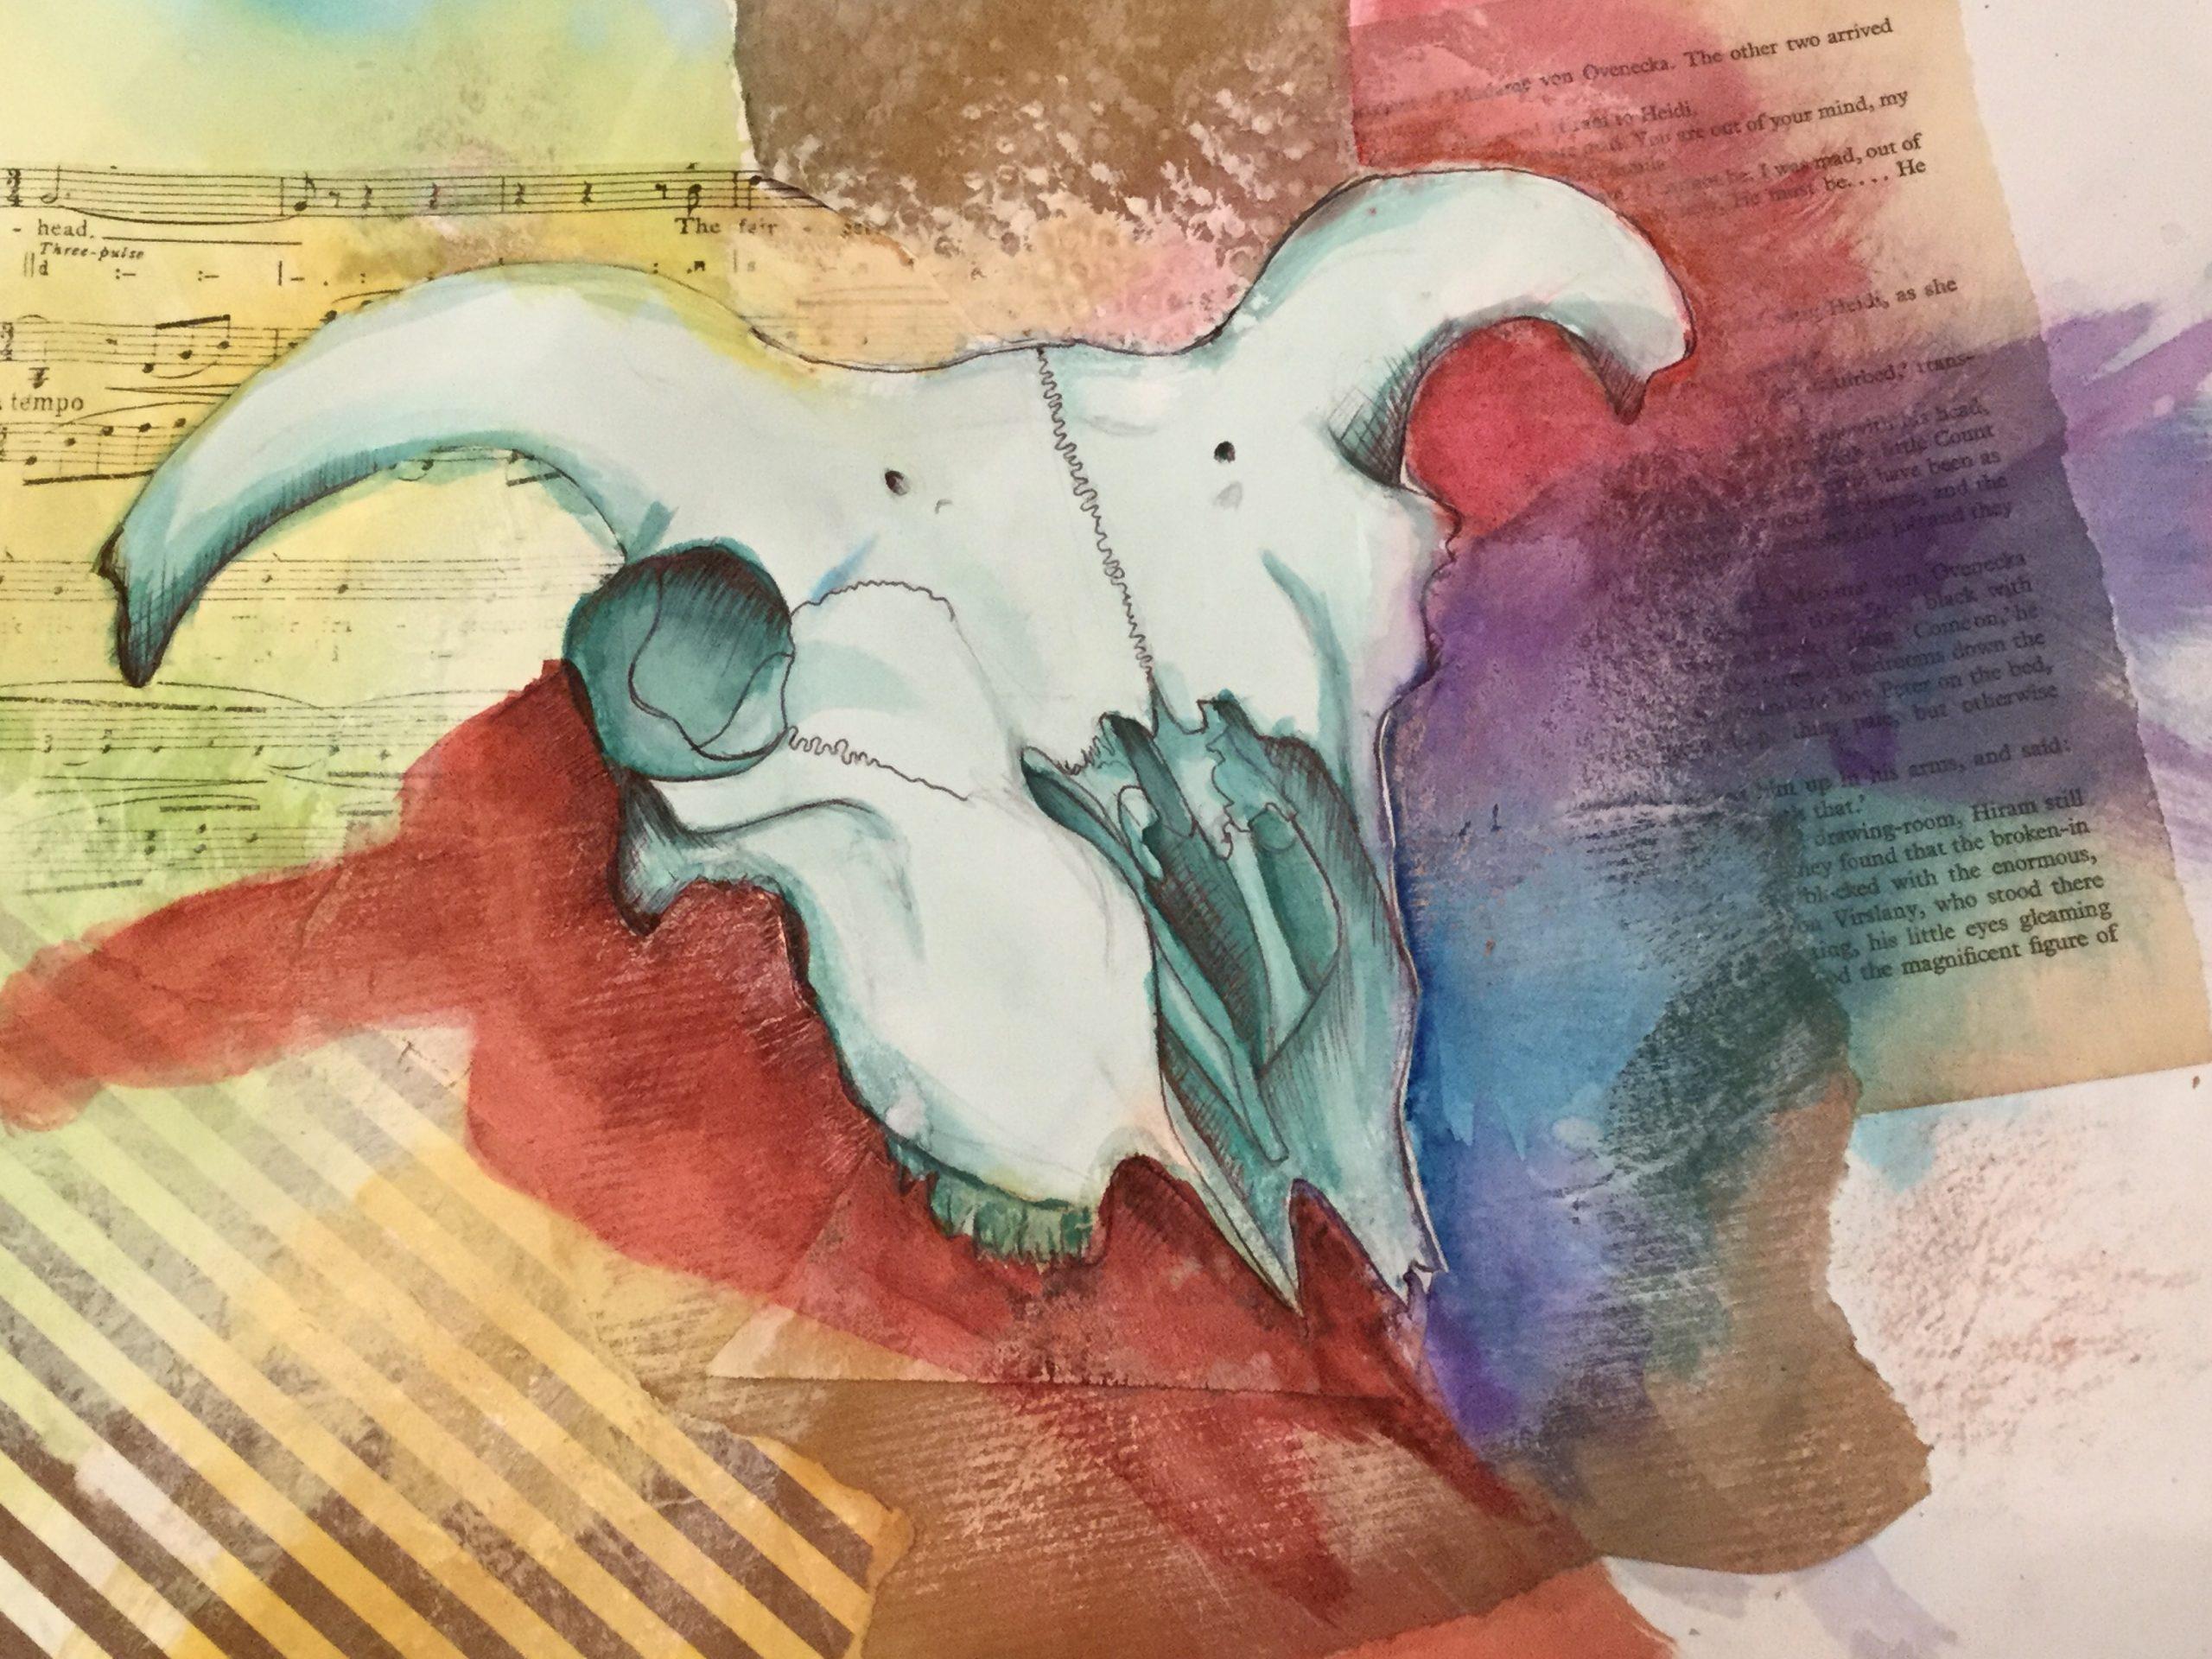 Mixed media sheep's skull drawing